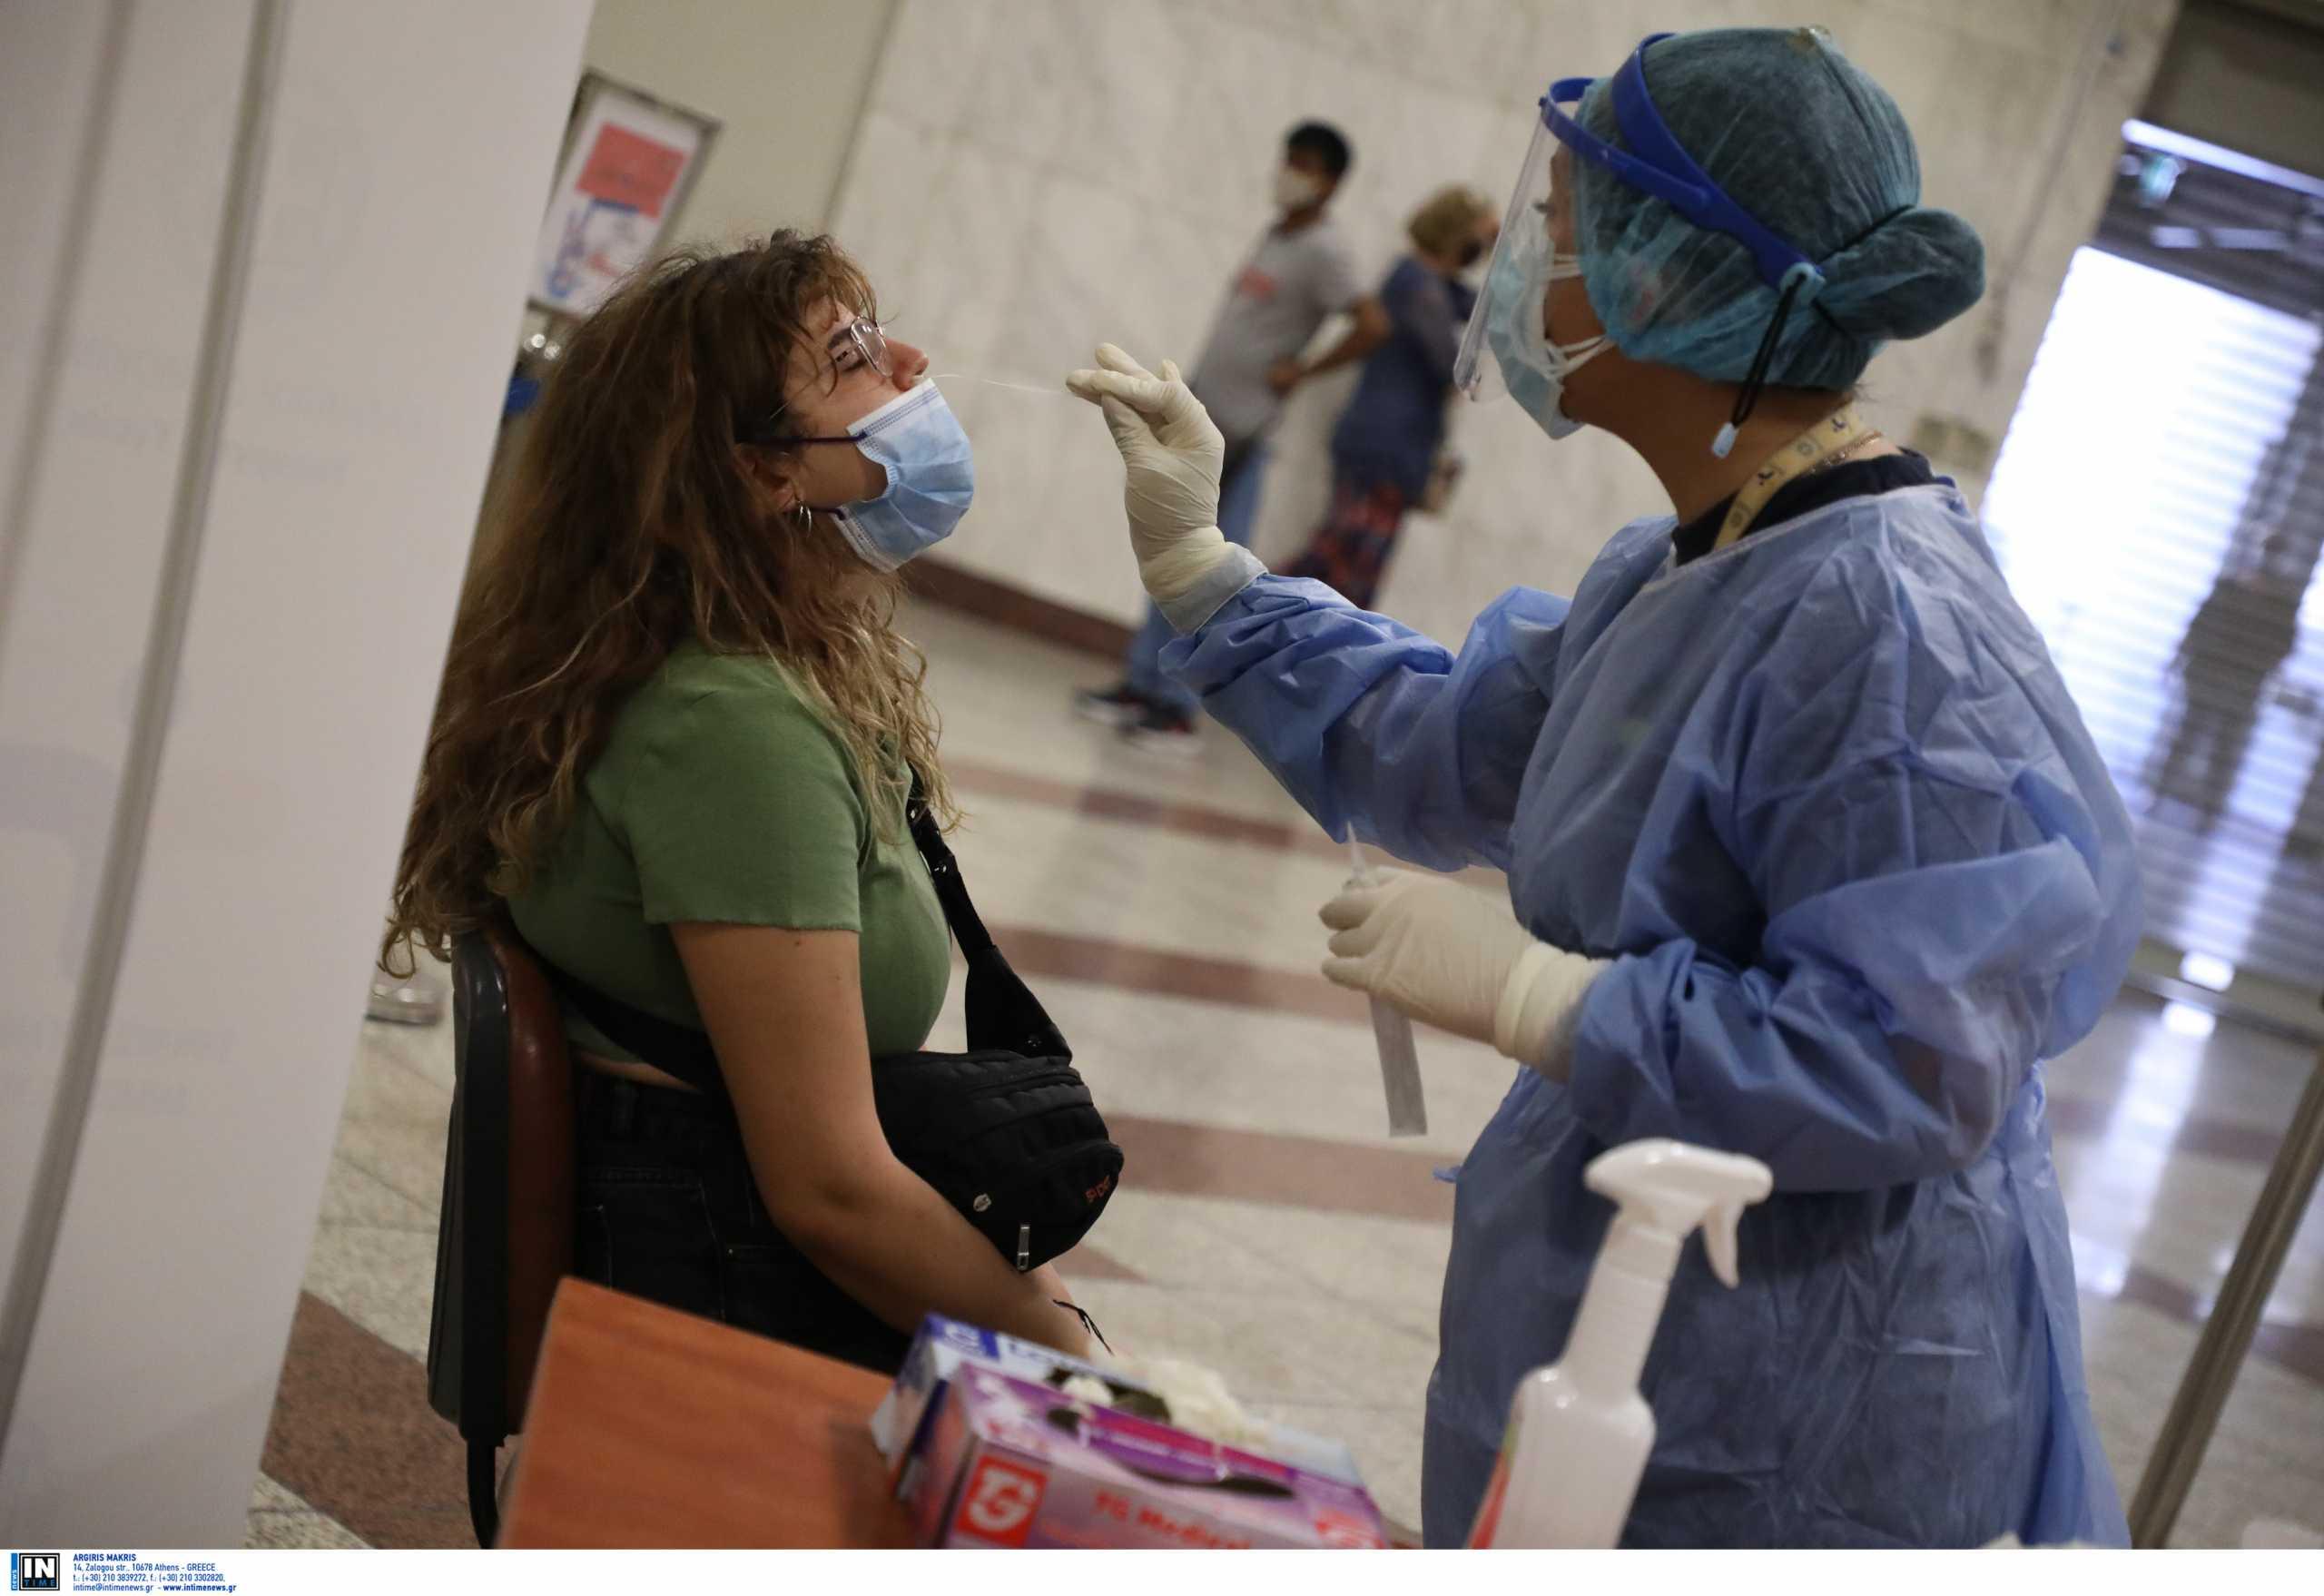 Υποχρεωτικά δυο τεστ την εβδομάδα για τους ανεμβολίαστους εργαζόμενους στον τουρισμό